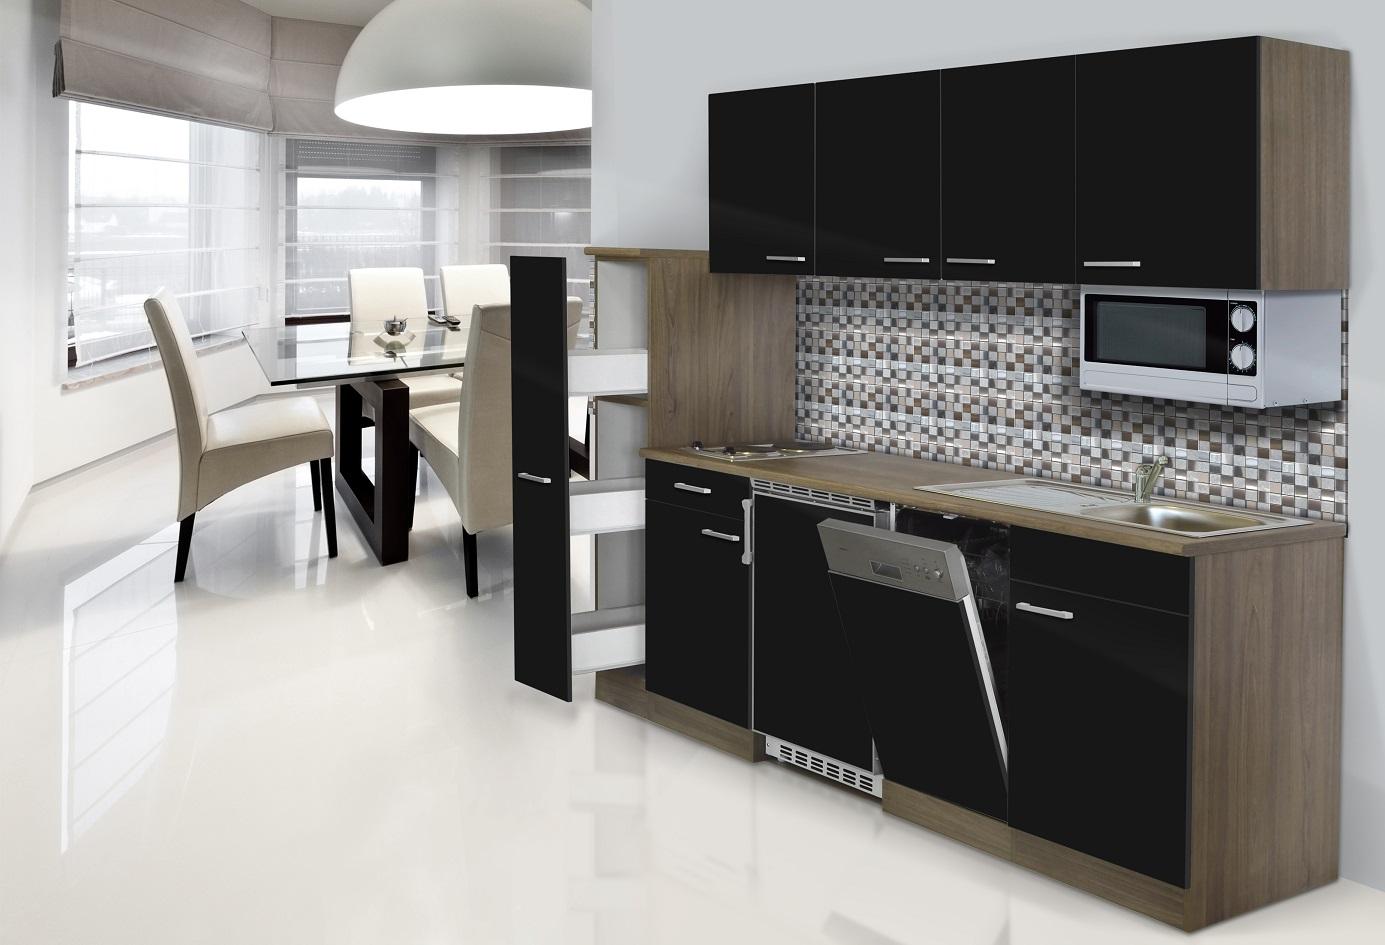 Cucina Cucina Angolo Cottura Cucina Singola 225 cm Rovere York   eBay